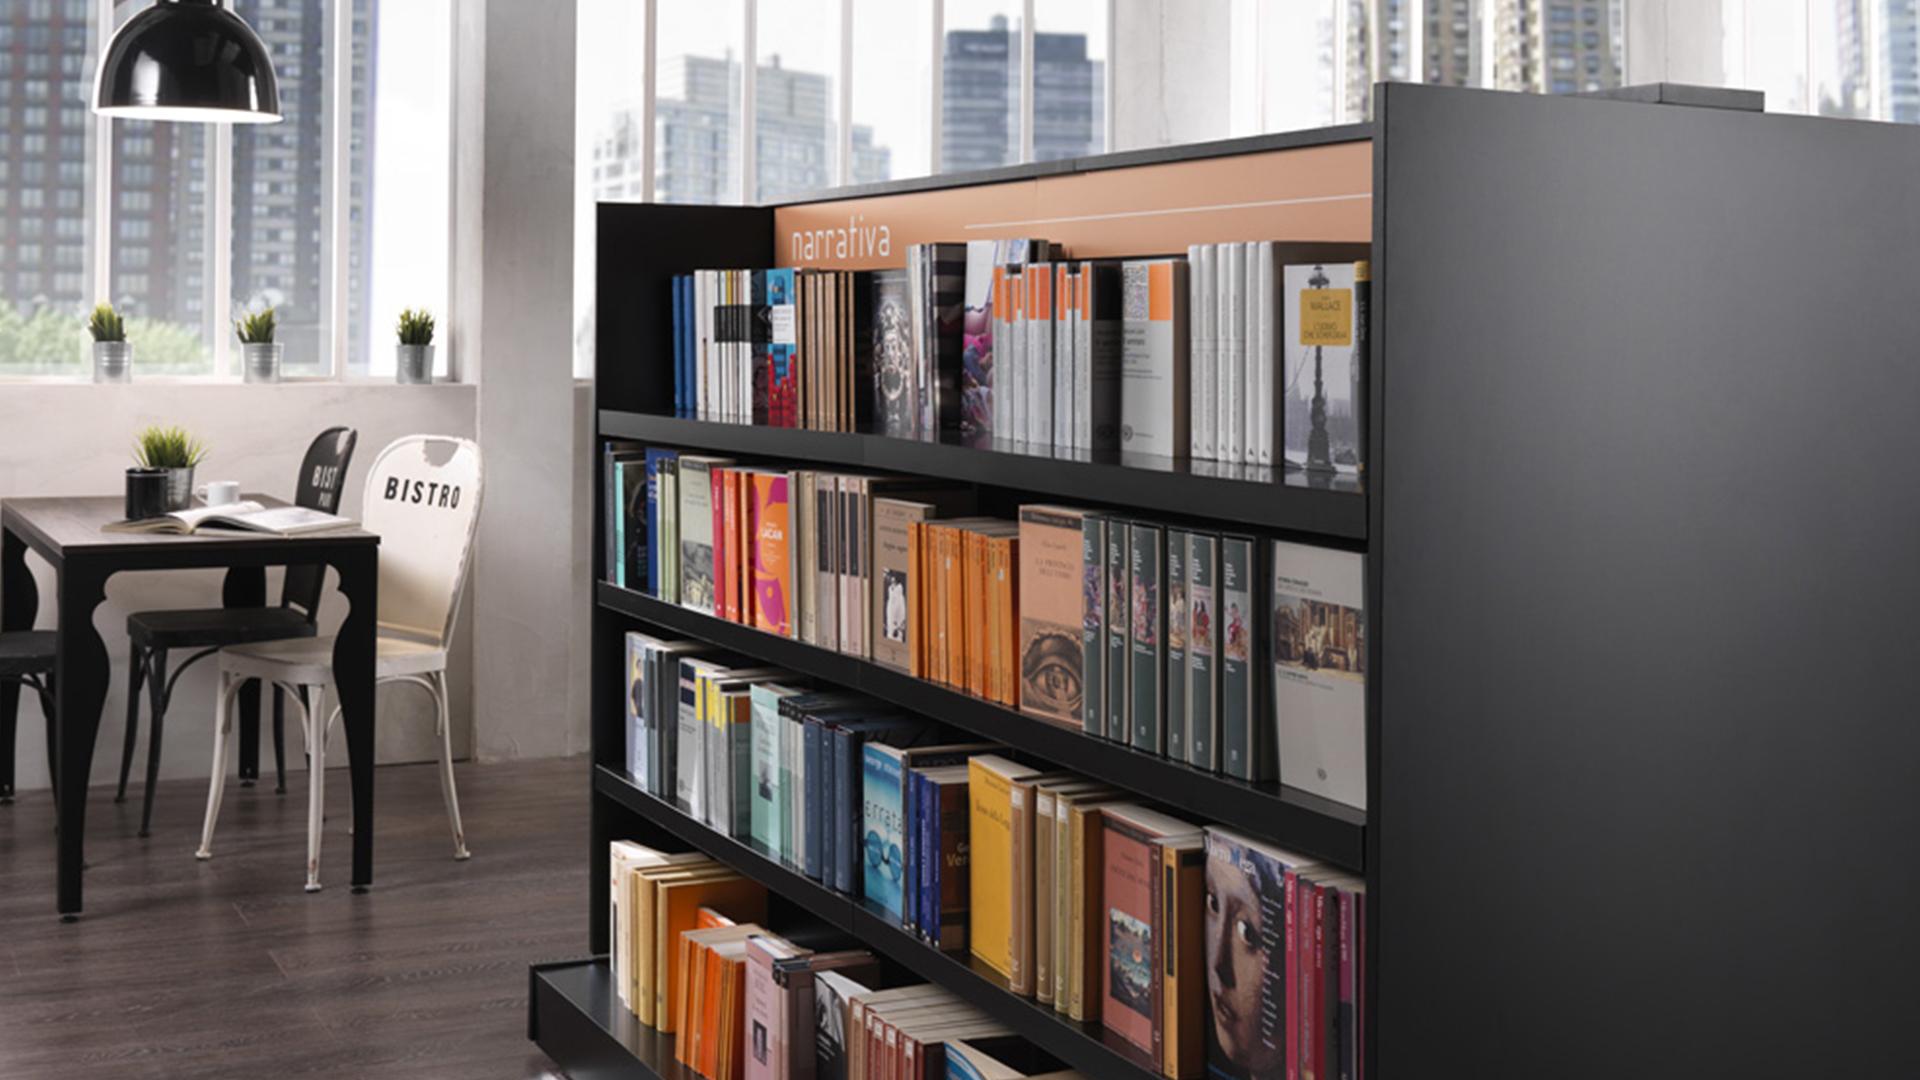 Arredamento negozi libreria arken for Arredamento negozi